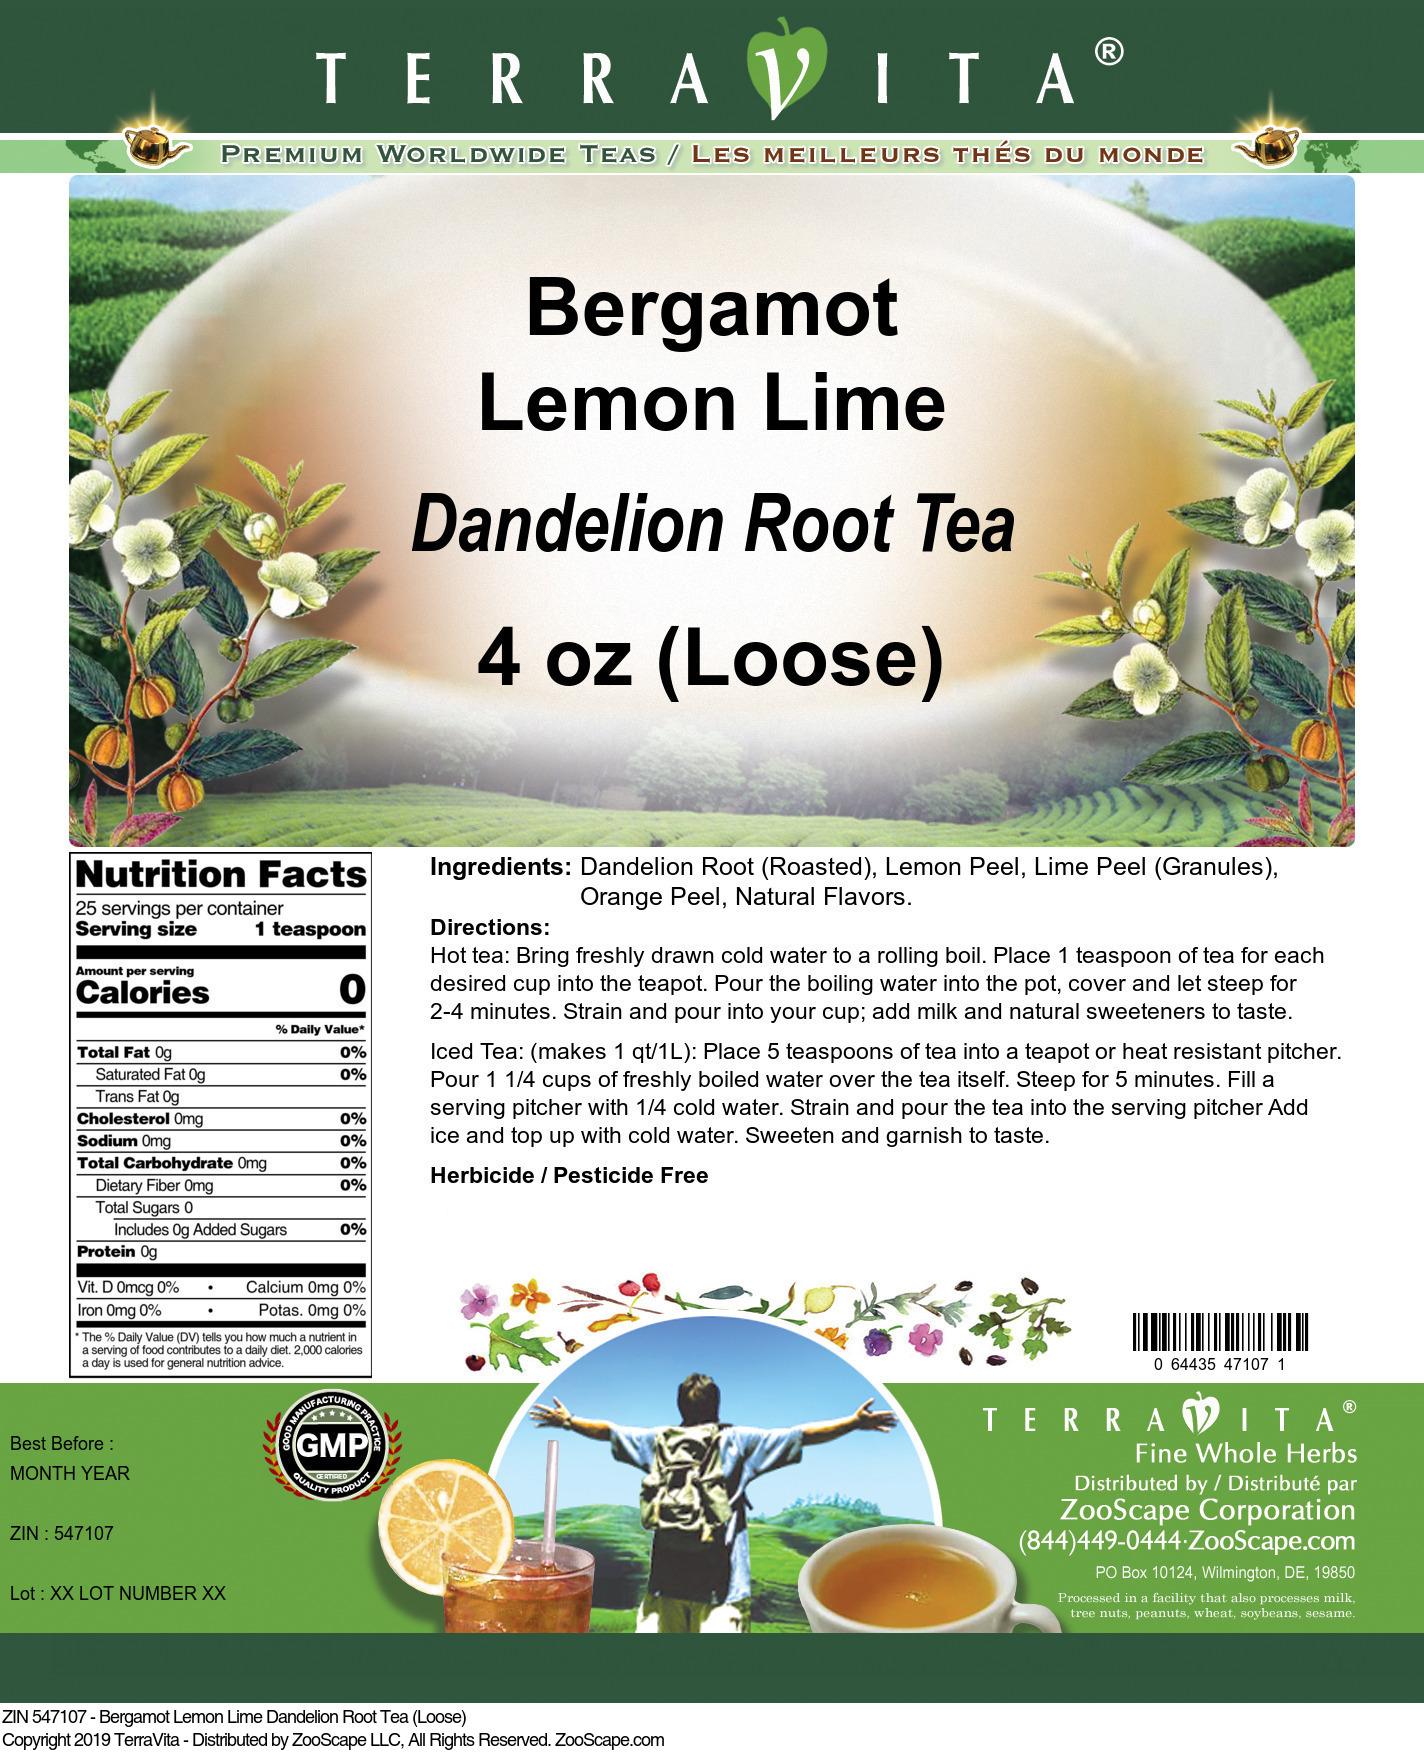 Bergamot Lemon Lime Dandelion Root